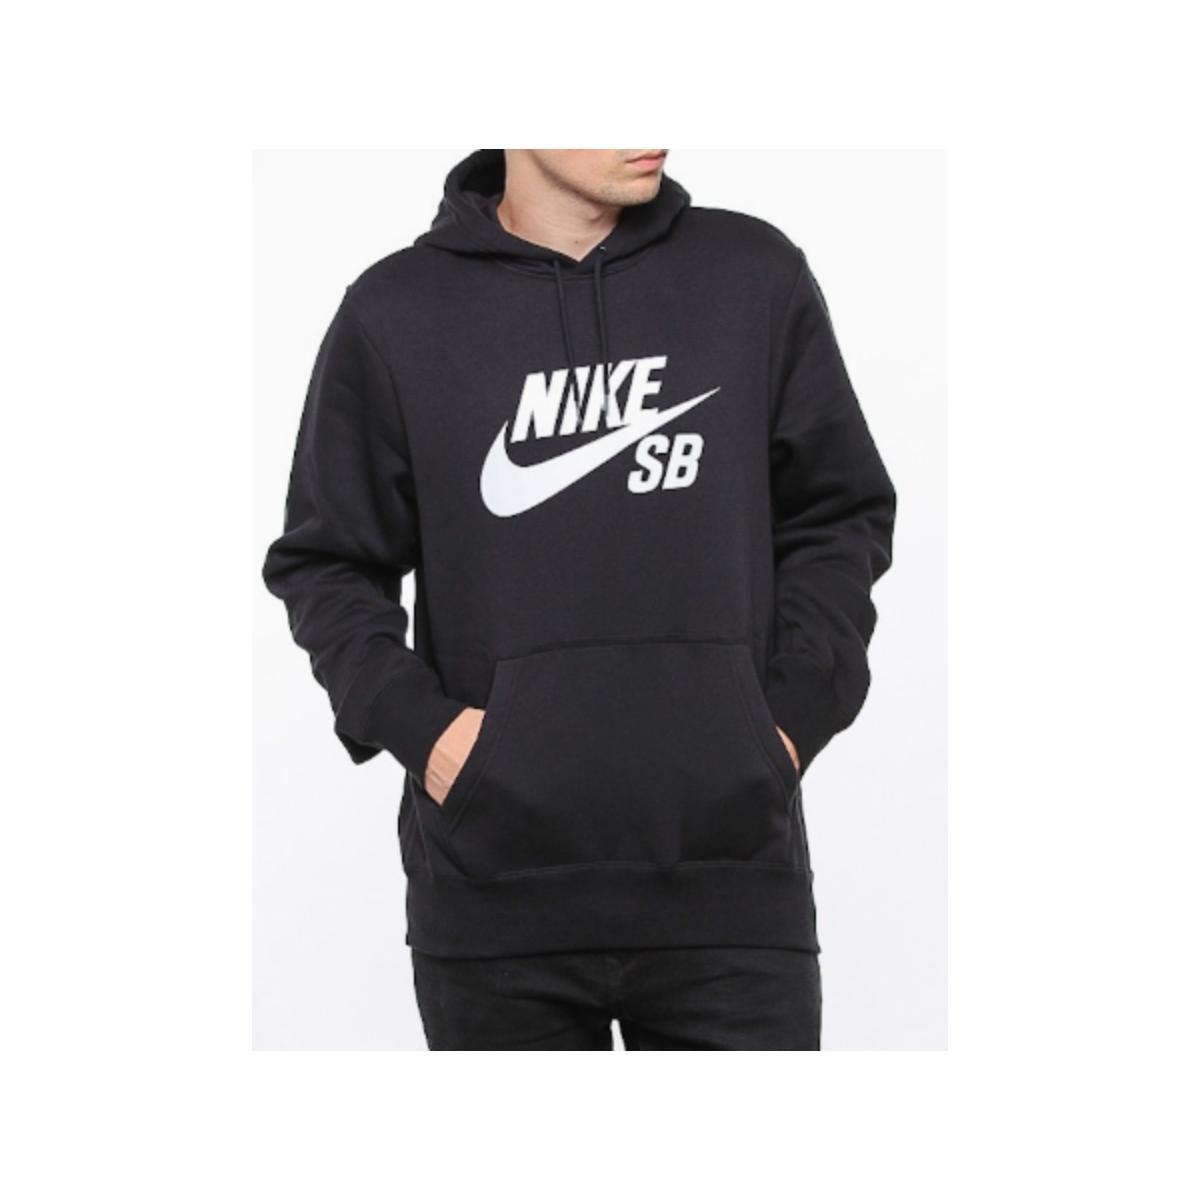 Blusão Masculino Nike Aj9733-010 sb Icon Preto/branco